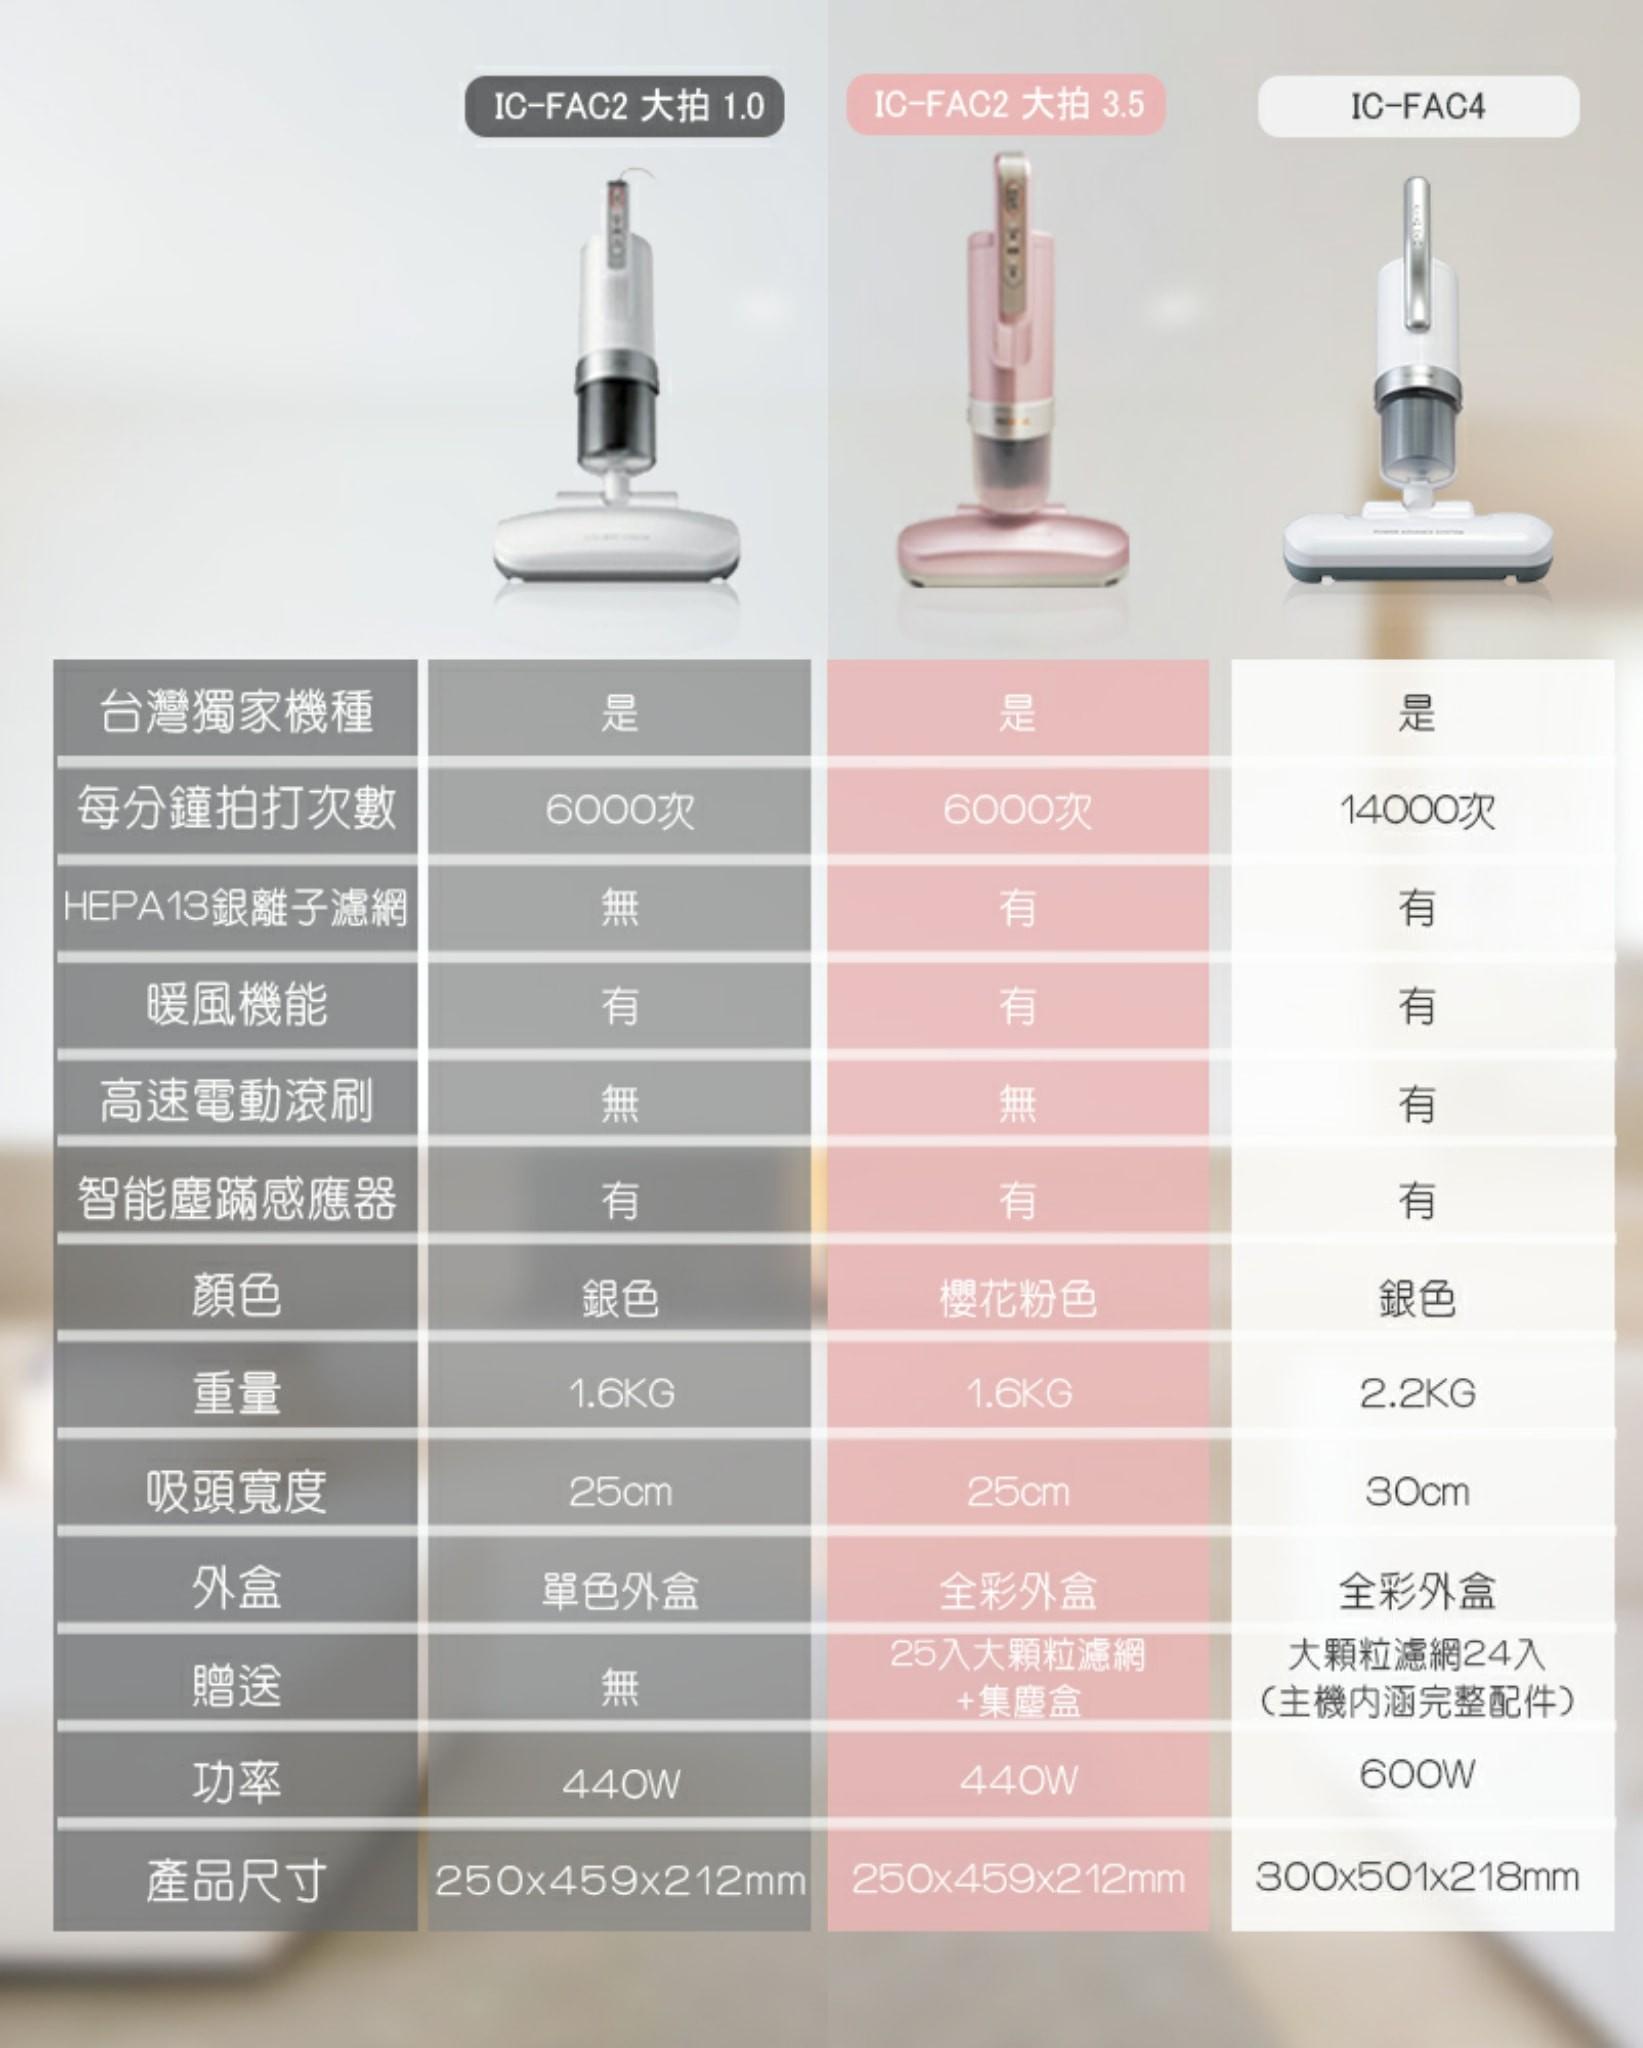 大拍联合快闪团/福利品《IRIS全新大拍5.0尘蹒机》2020最新全面改款~升级更好用! - yukiblog.tw